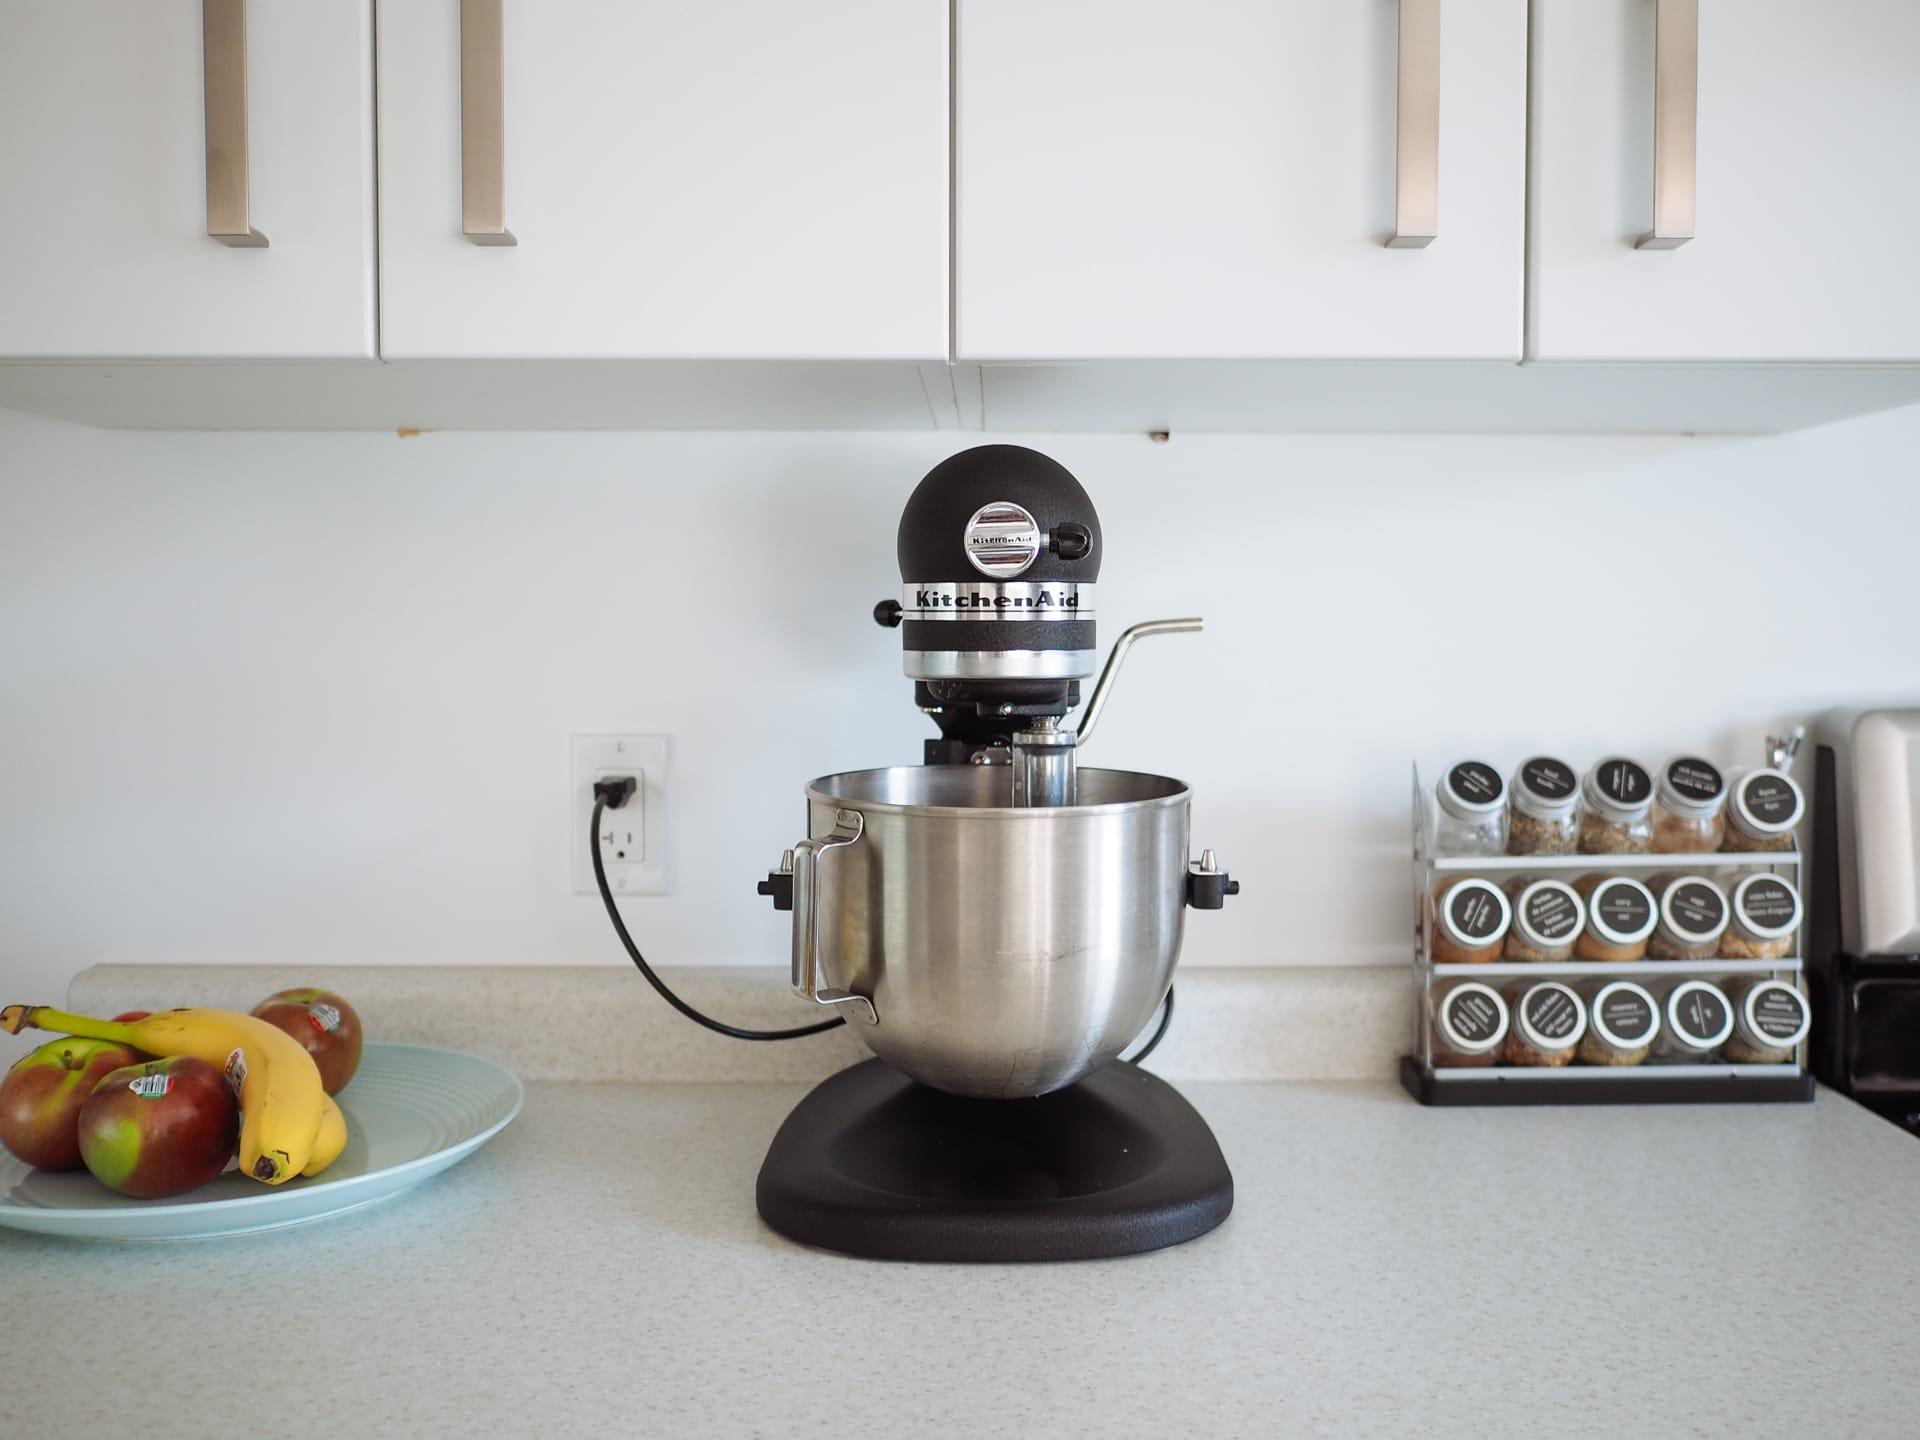 KitchenAid Pro 450